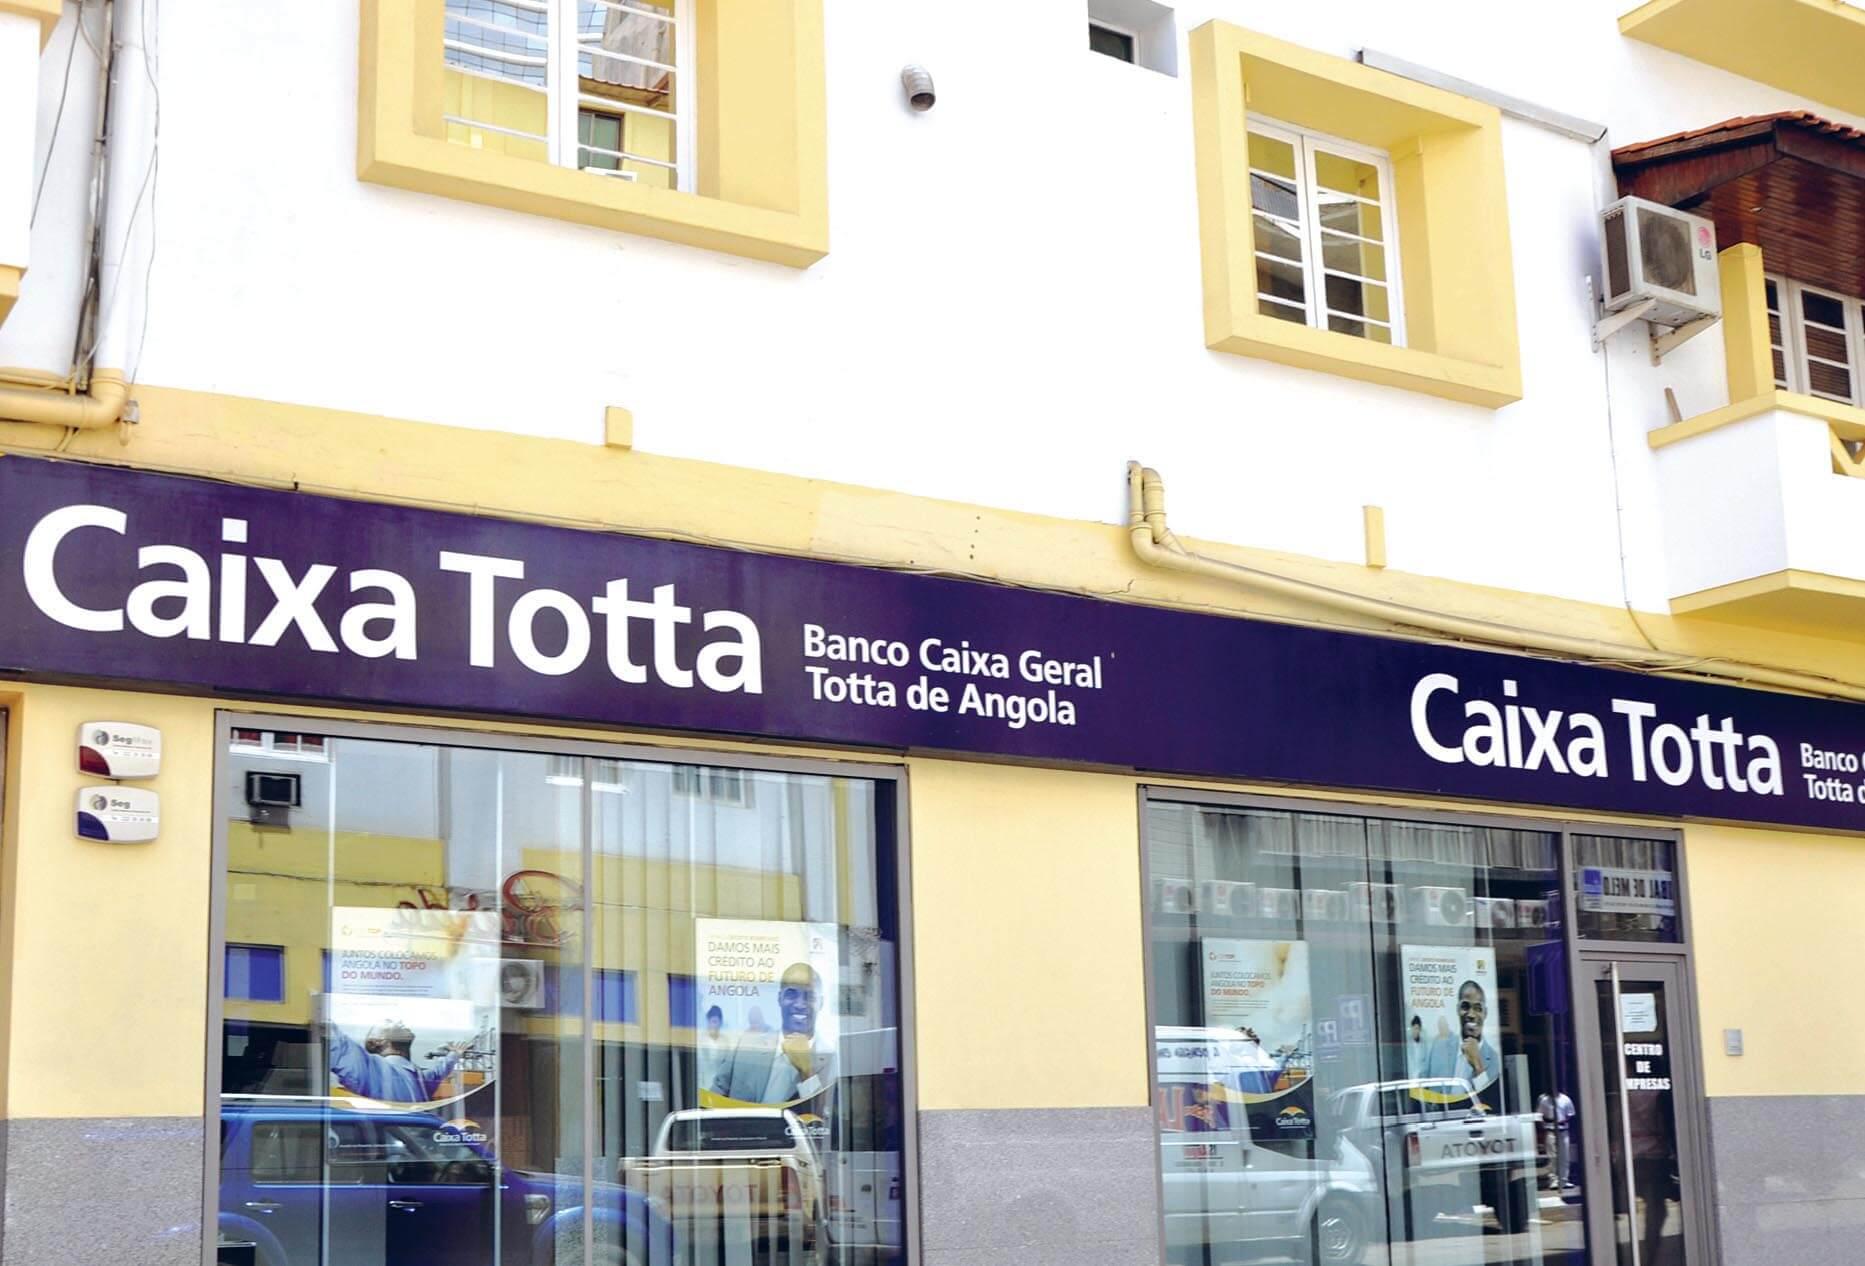 Vagas no Banco Caixa Geral Totta Angola